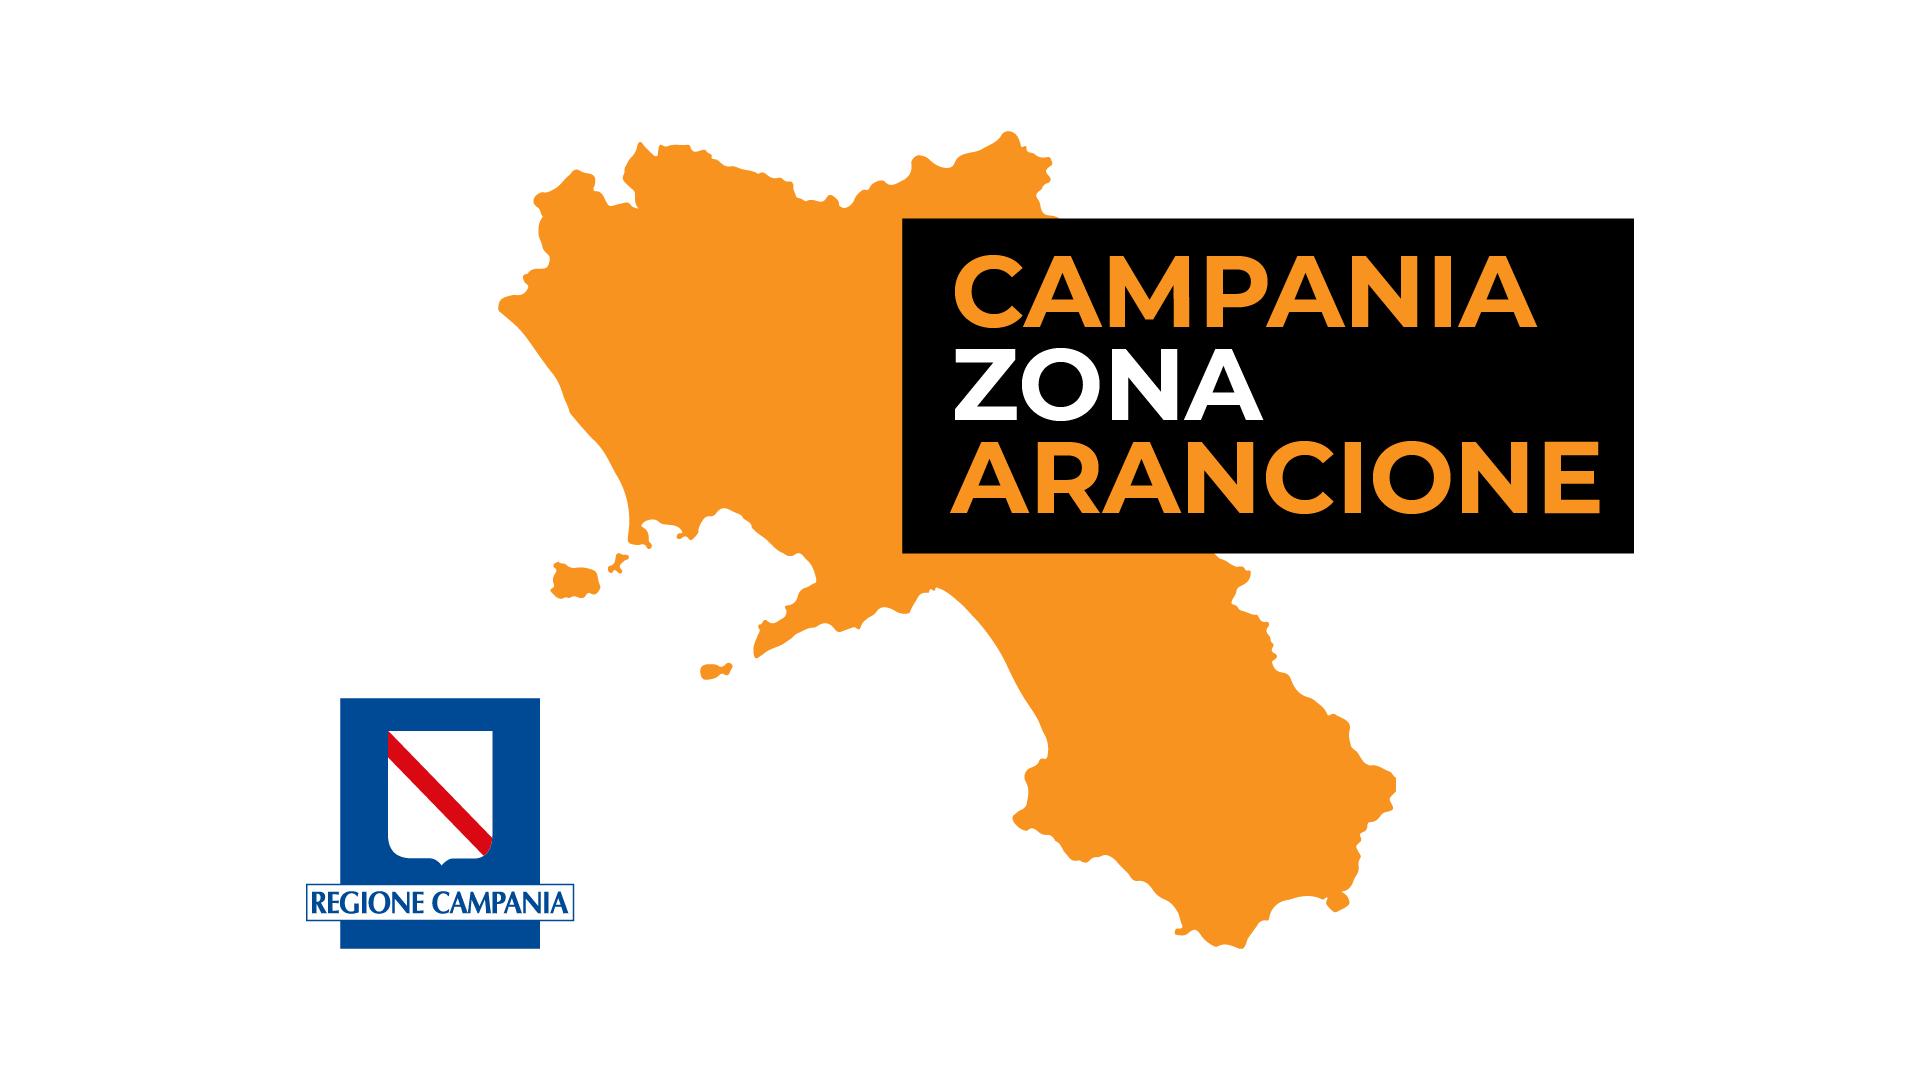 Aumentano i casi in Campania: si va verso la zona arancione